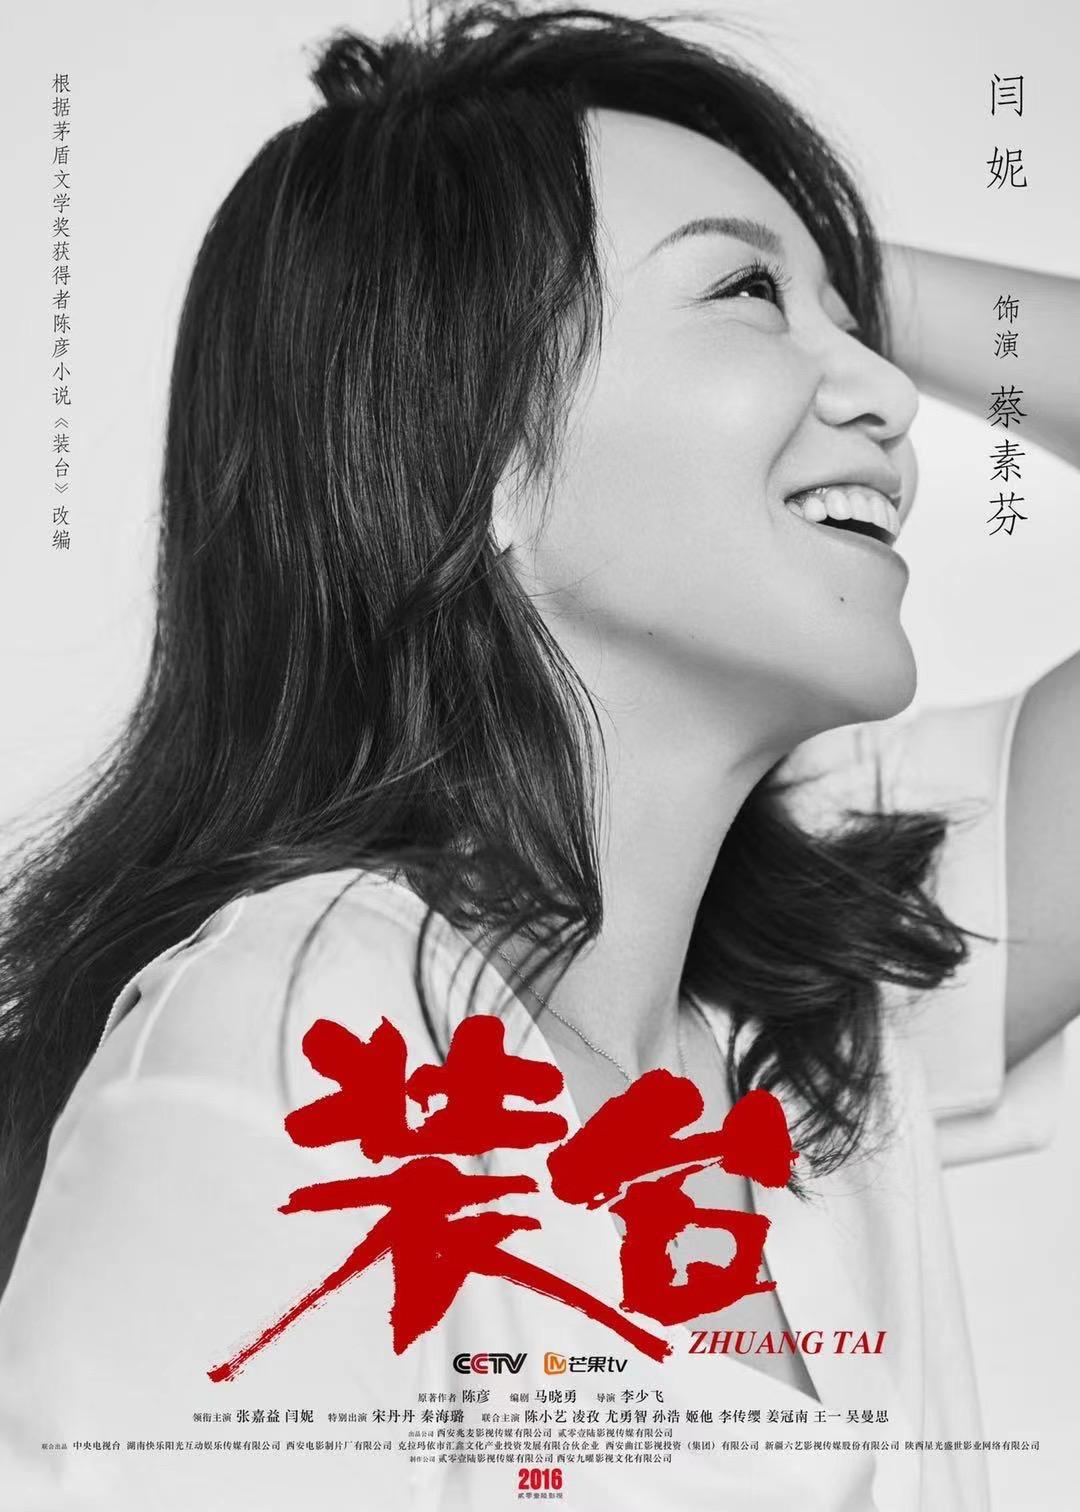 闫妮新剧《装台》CCTV1开播 沉浸式表演引共鸣